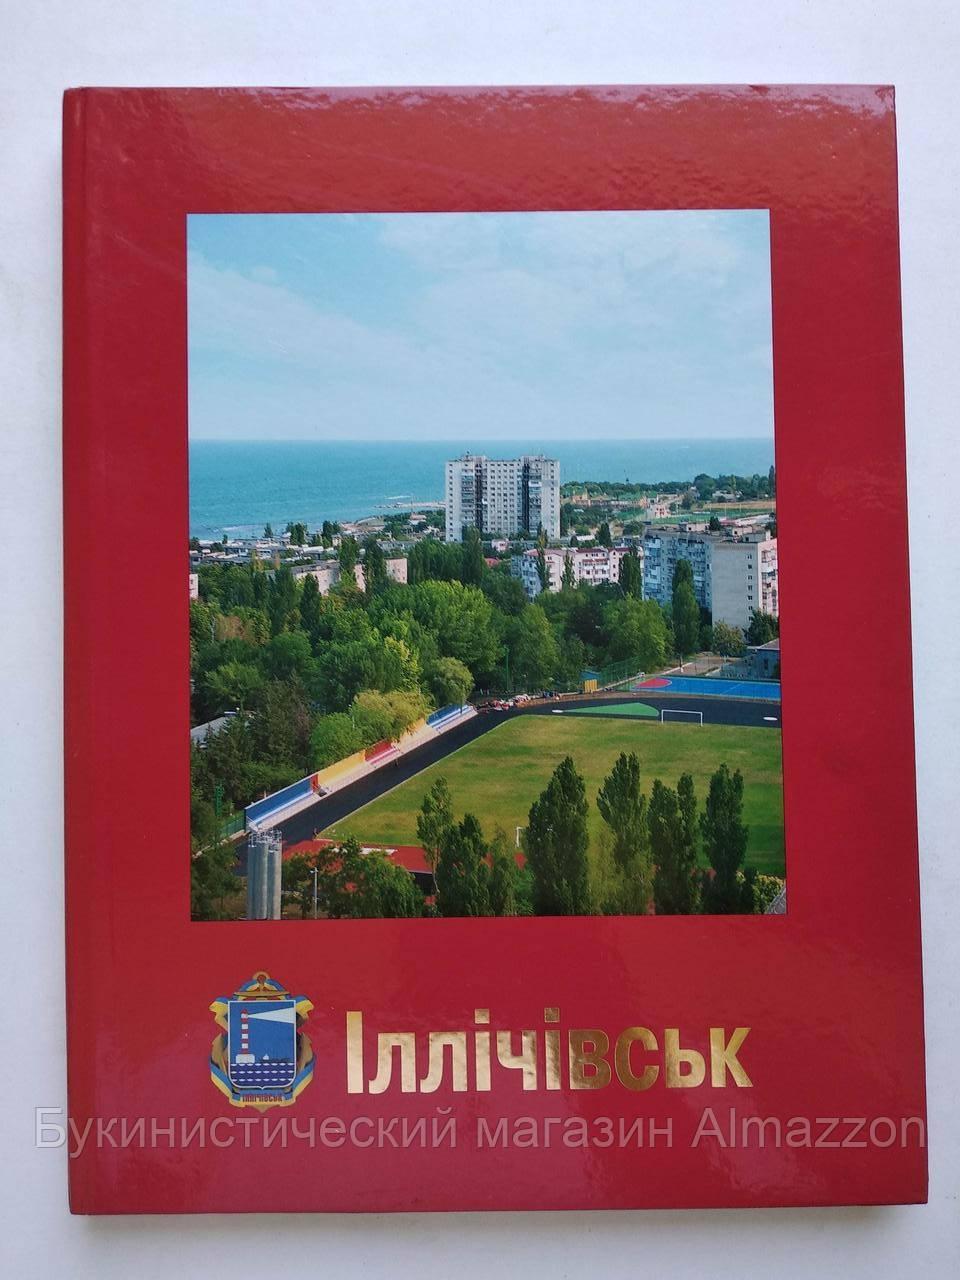 Ильичевск. Фотоальбом. Одесса. 2007 год